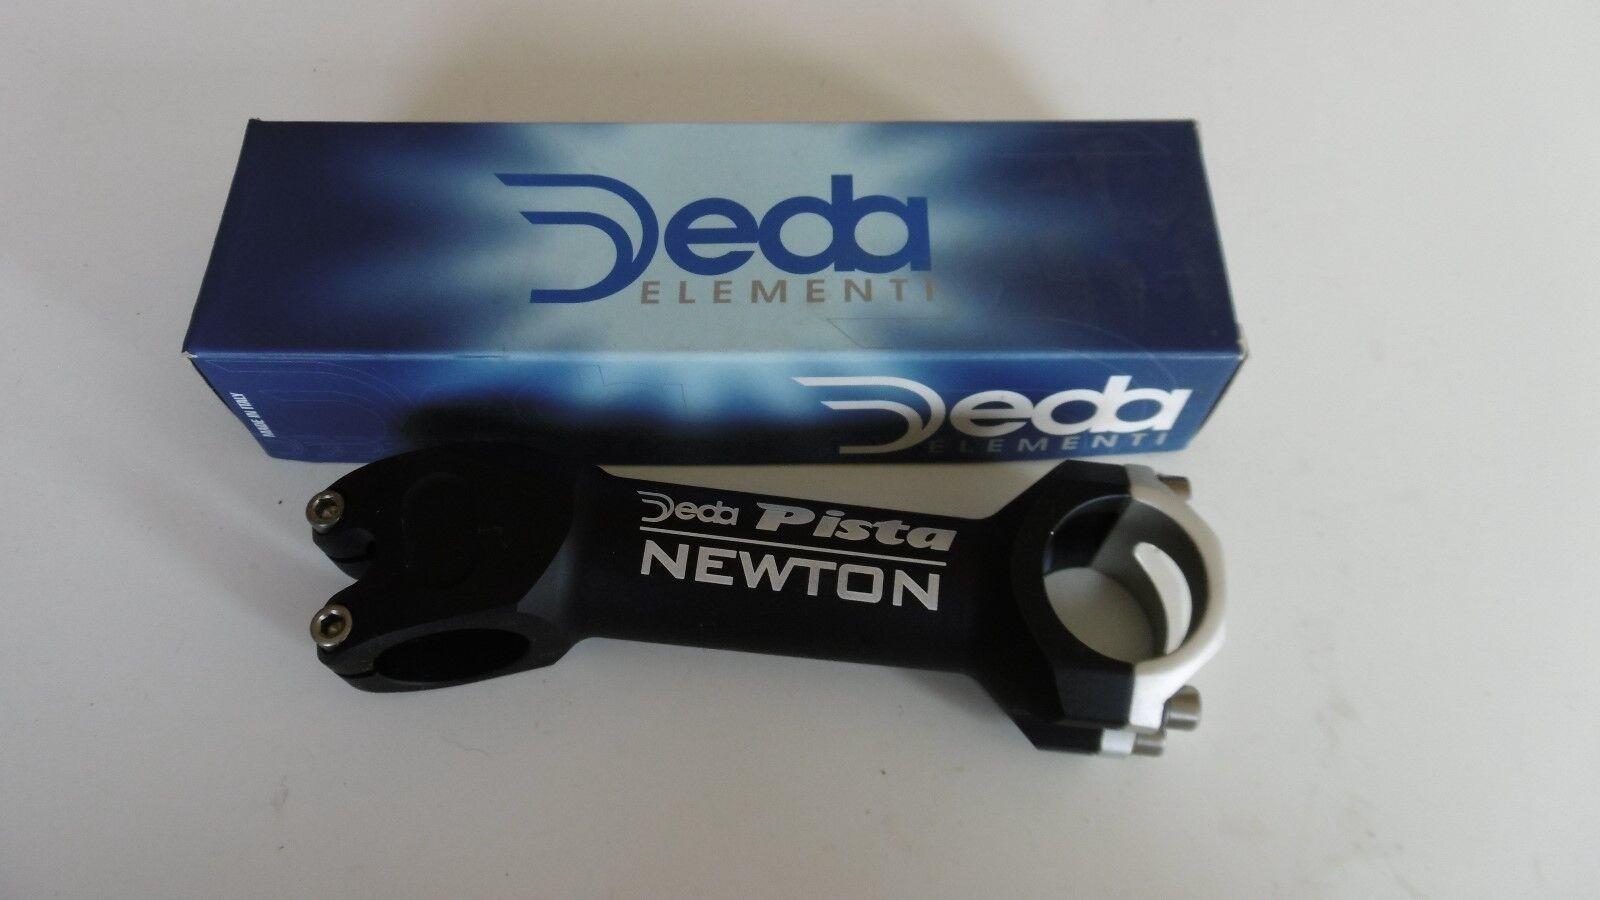 Deda Elementi Newton Pista Ahead Stem 130mm New In Box